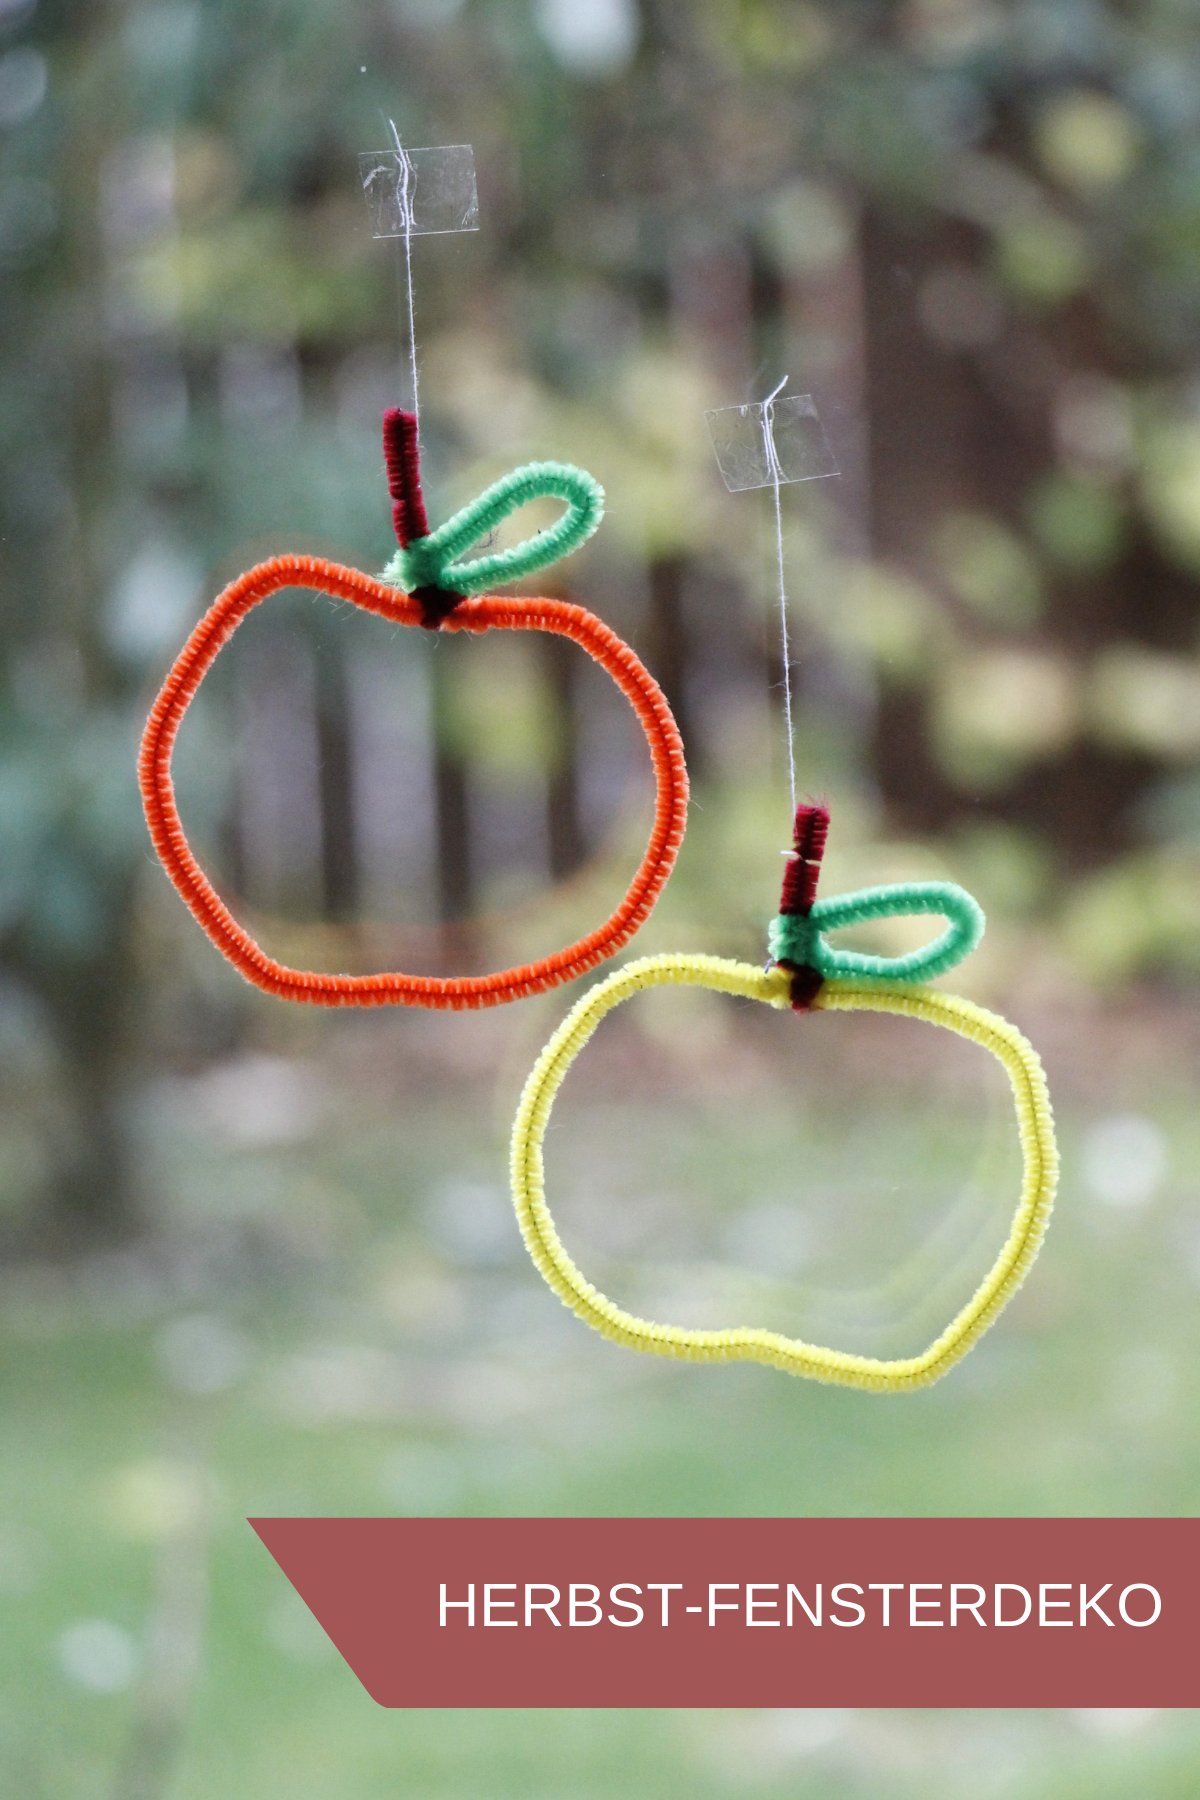 Geschenkanhänger oder Herbst-Fensterdeko: Äpfel aus Pfeifenreiniger #herbstfensterdekokinder